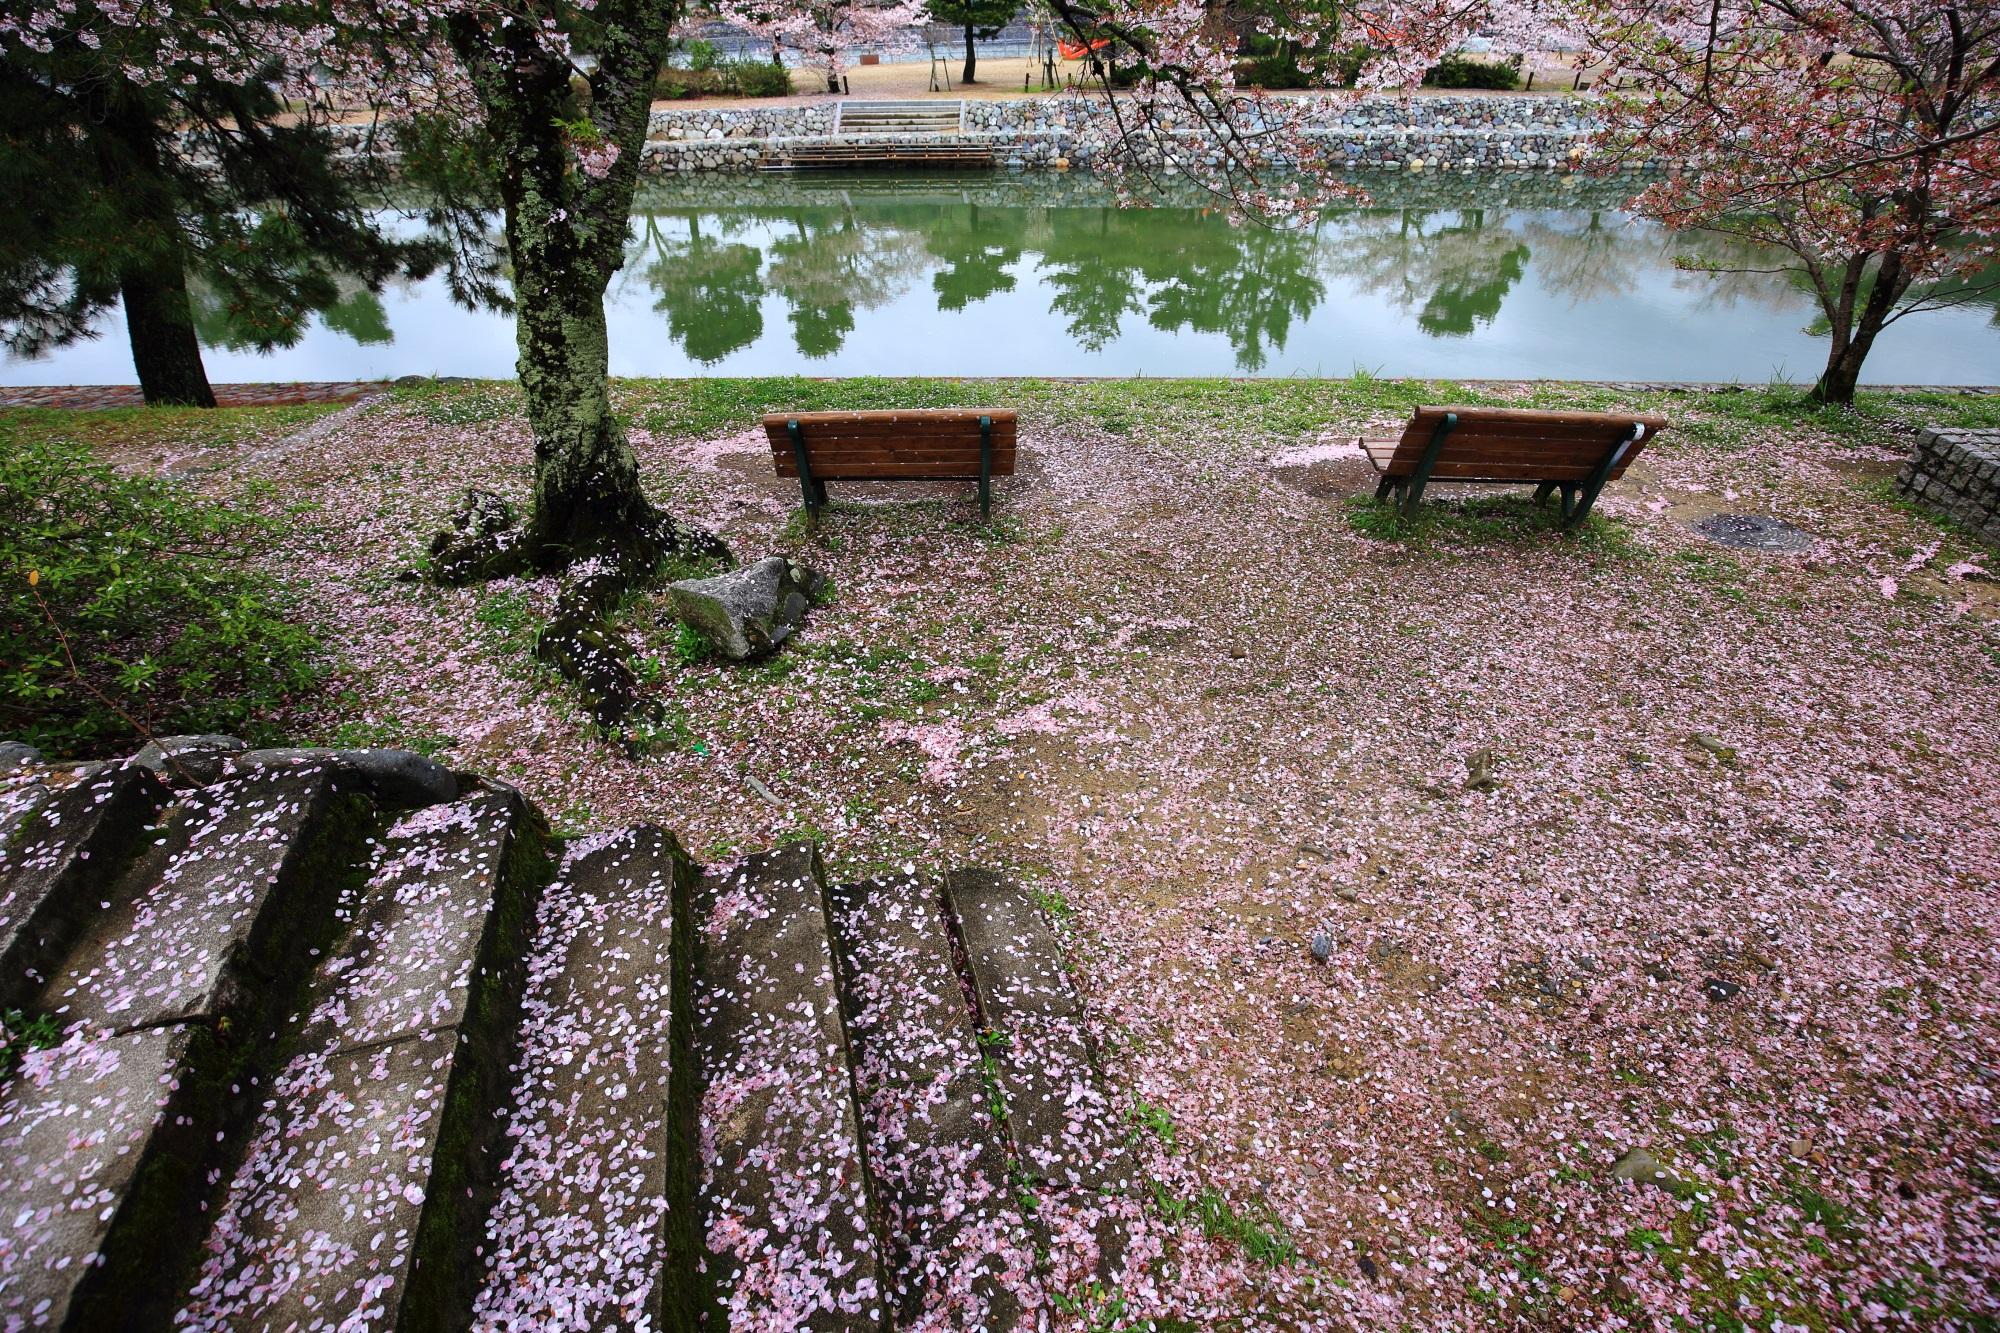 長閑な雰囲気の宇治川をつつむ華やかな散り桜